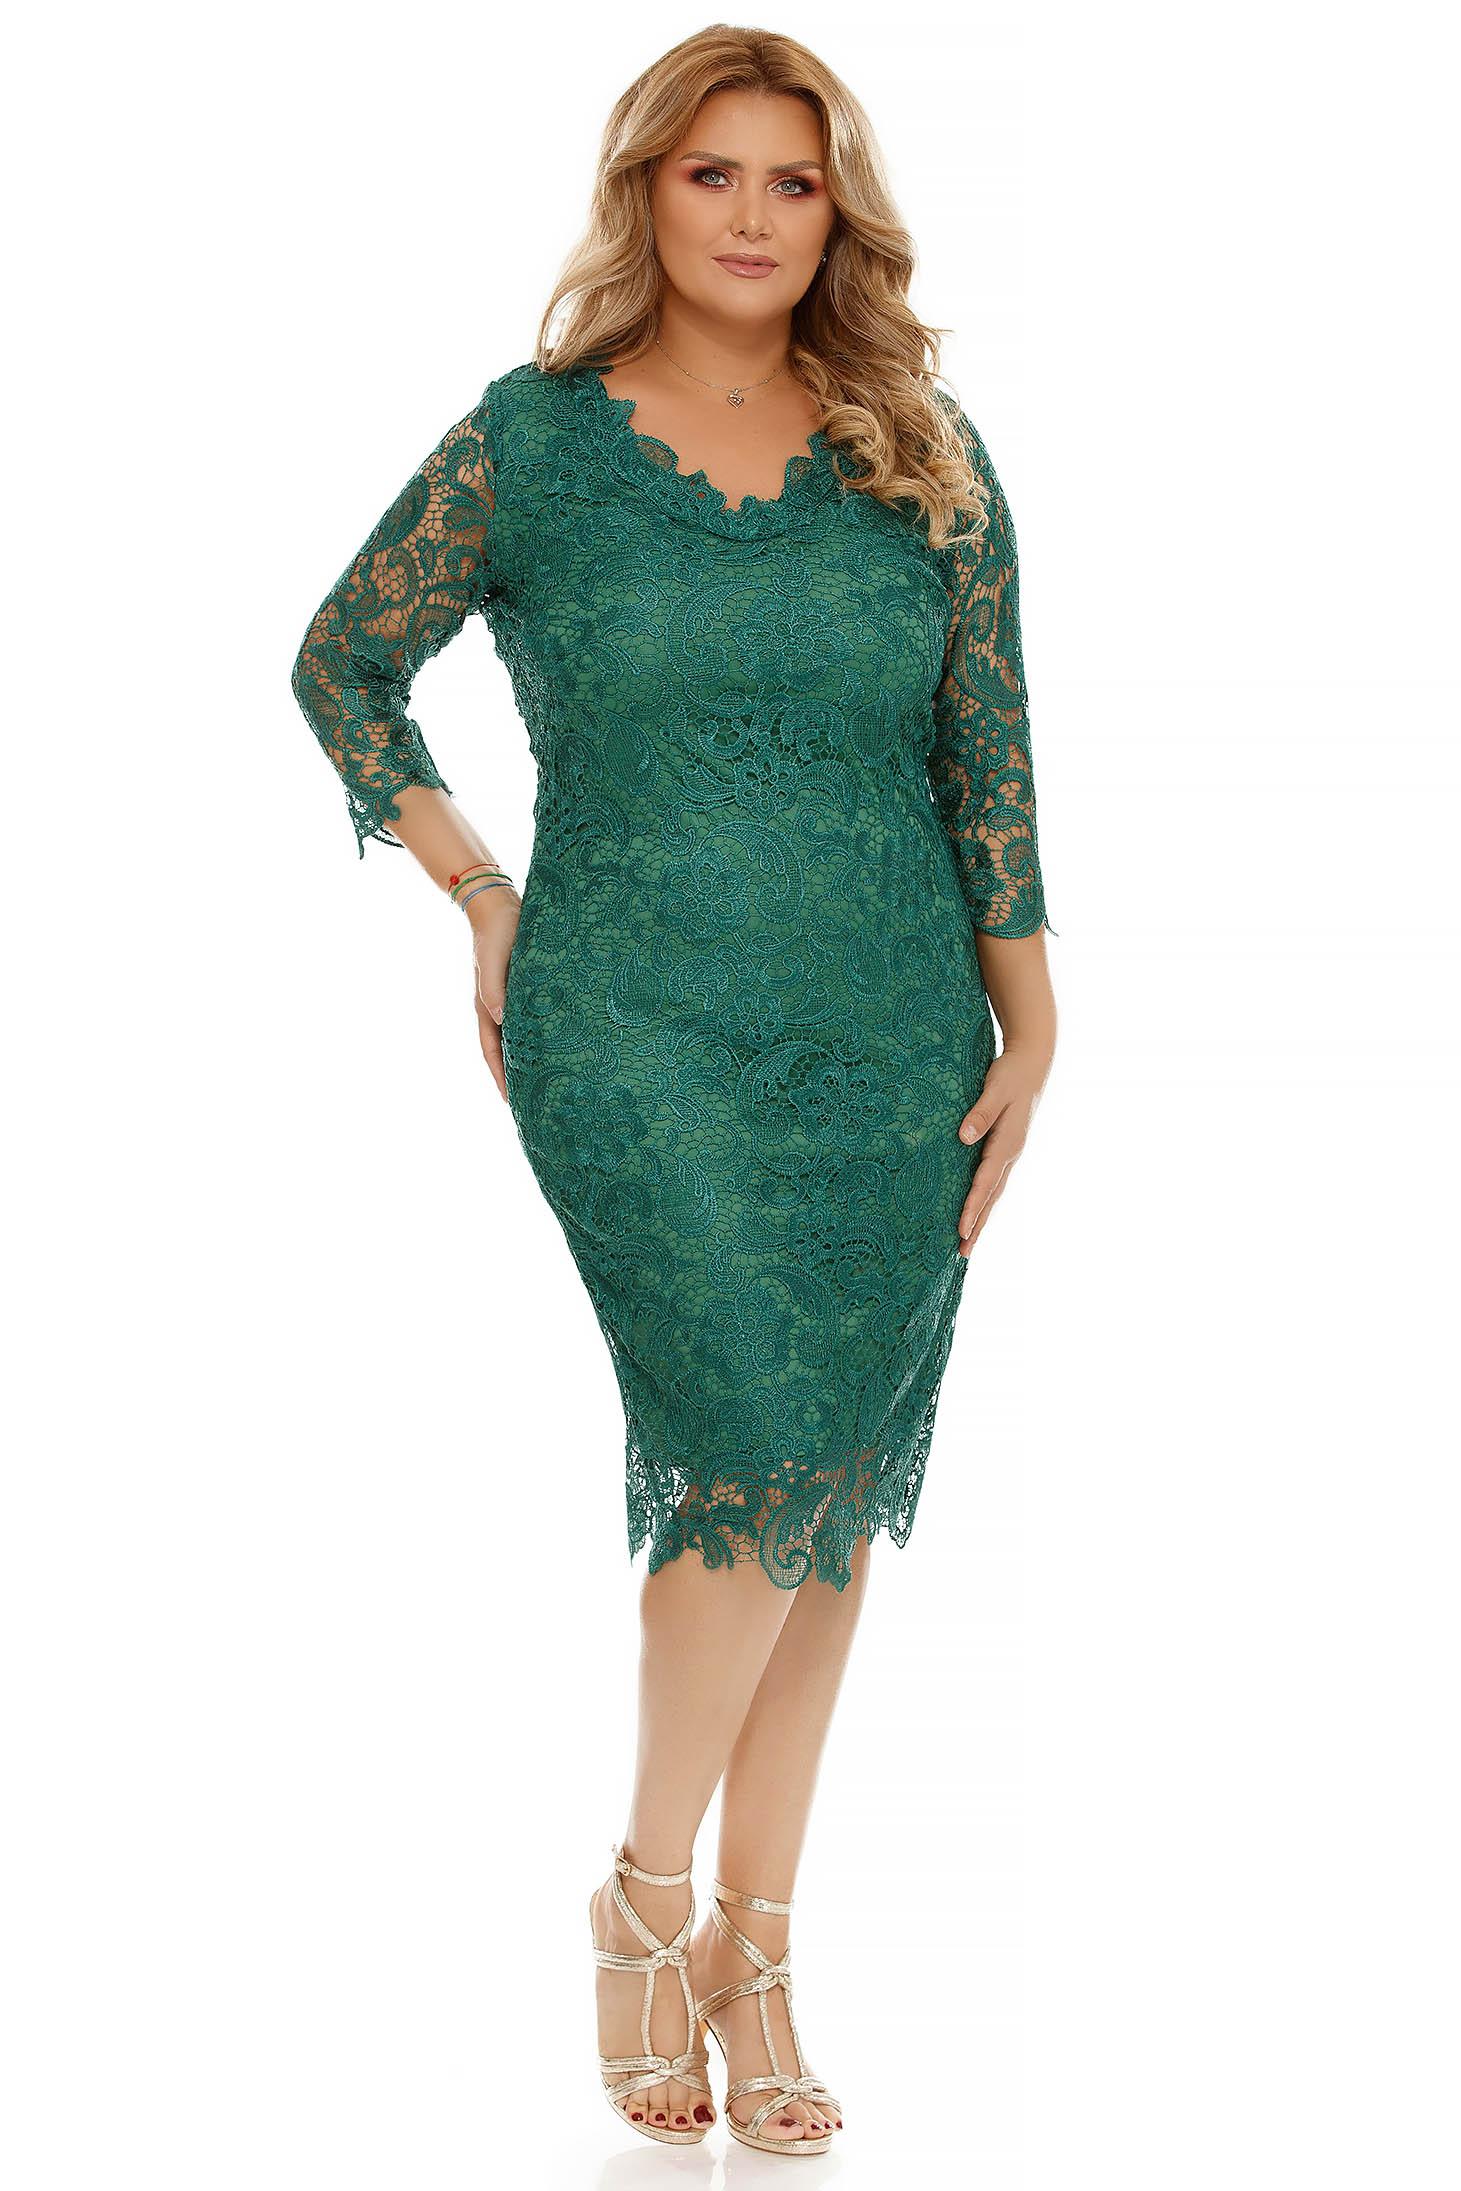 Rochie verde midi de ocazie tip creion din dantela cu maneci trei-sferturi cu decolteu in v si captusita pe interior